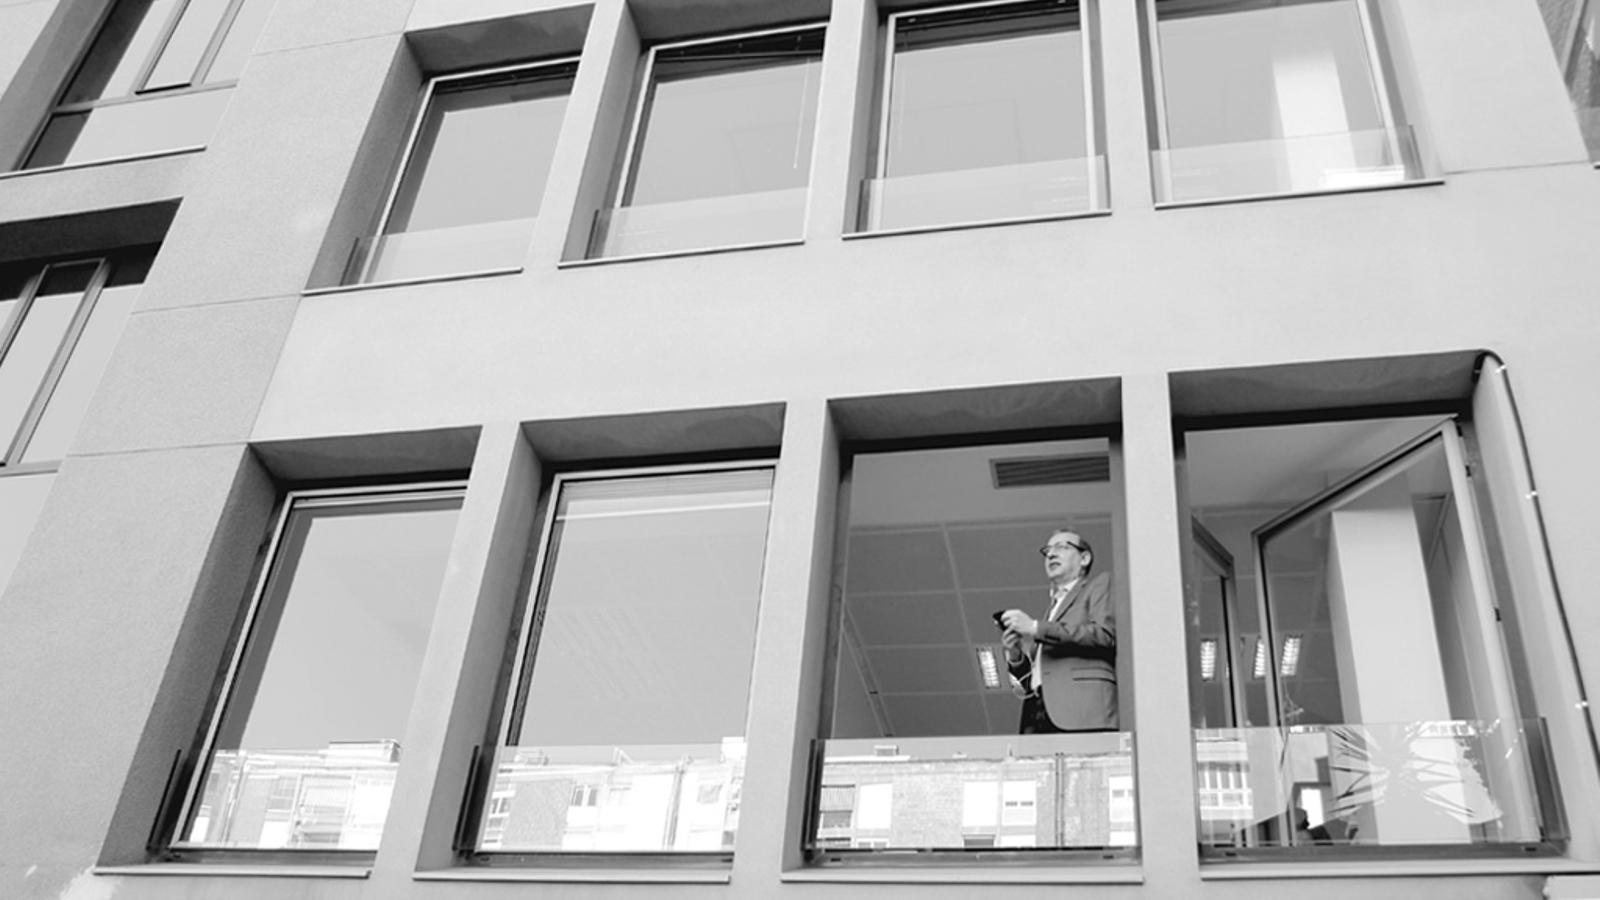 L'Editorial d'Antoni Bassas: 'I el corralito va aparèixer a Andorra' (17/03/15)